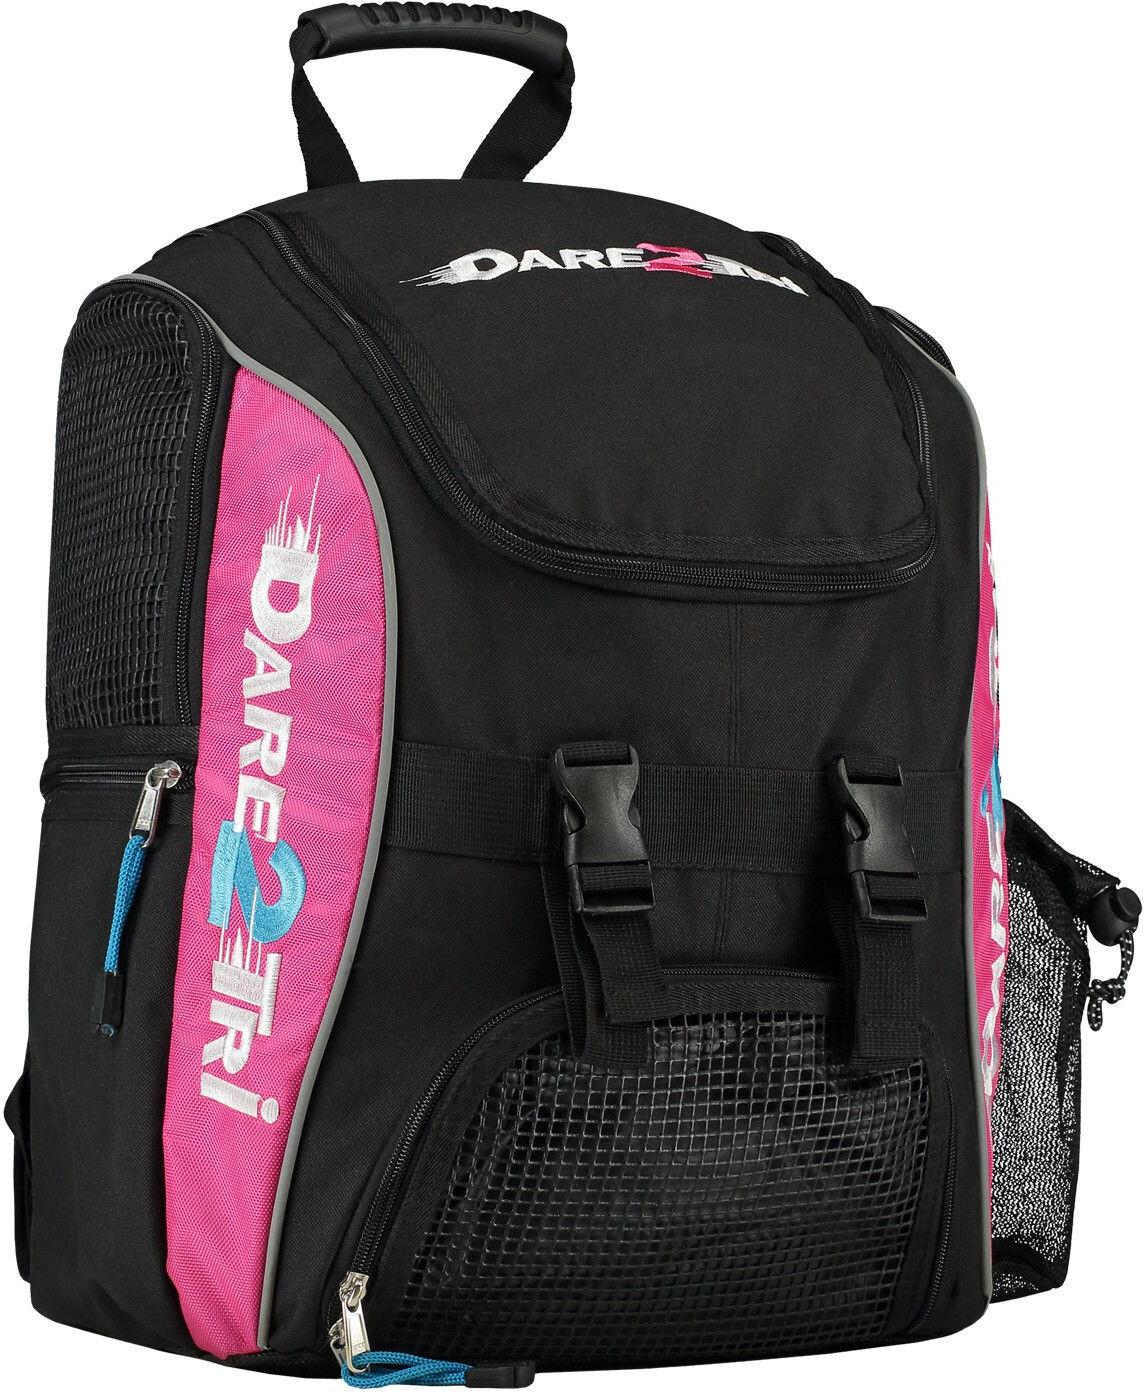 Dare2Tri Transition Svømmerygsæk 23L, black-pink (2019)   Travel bags